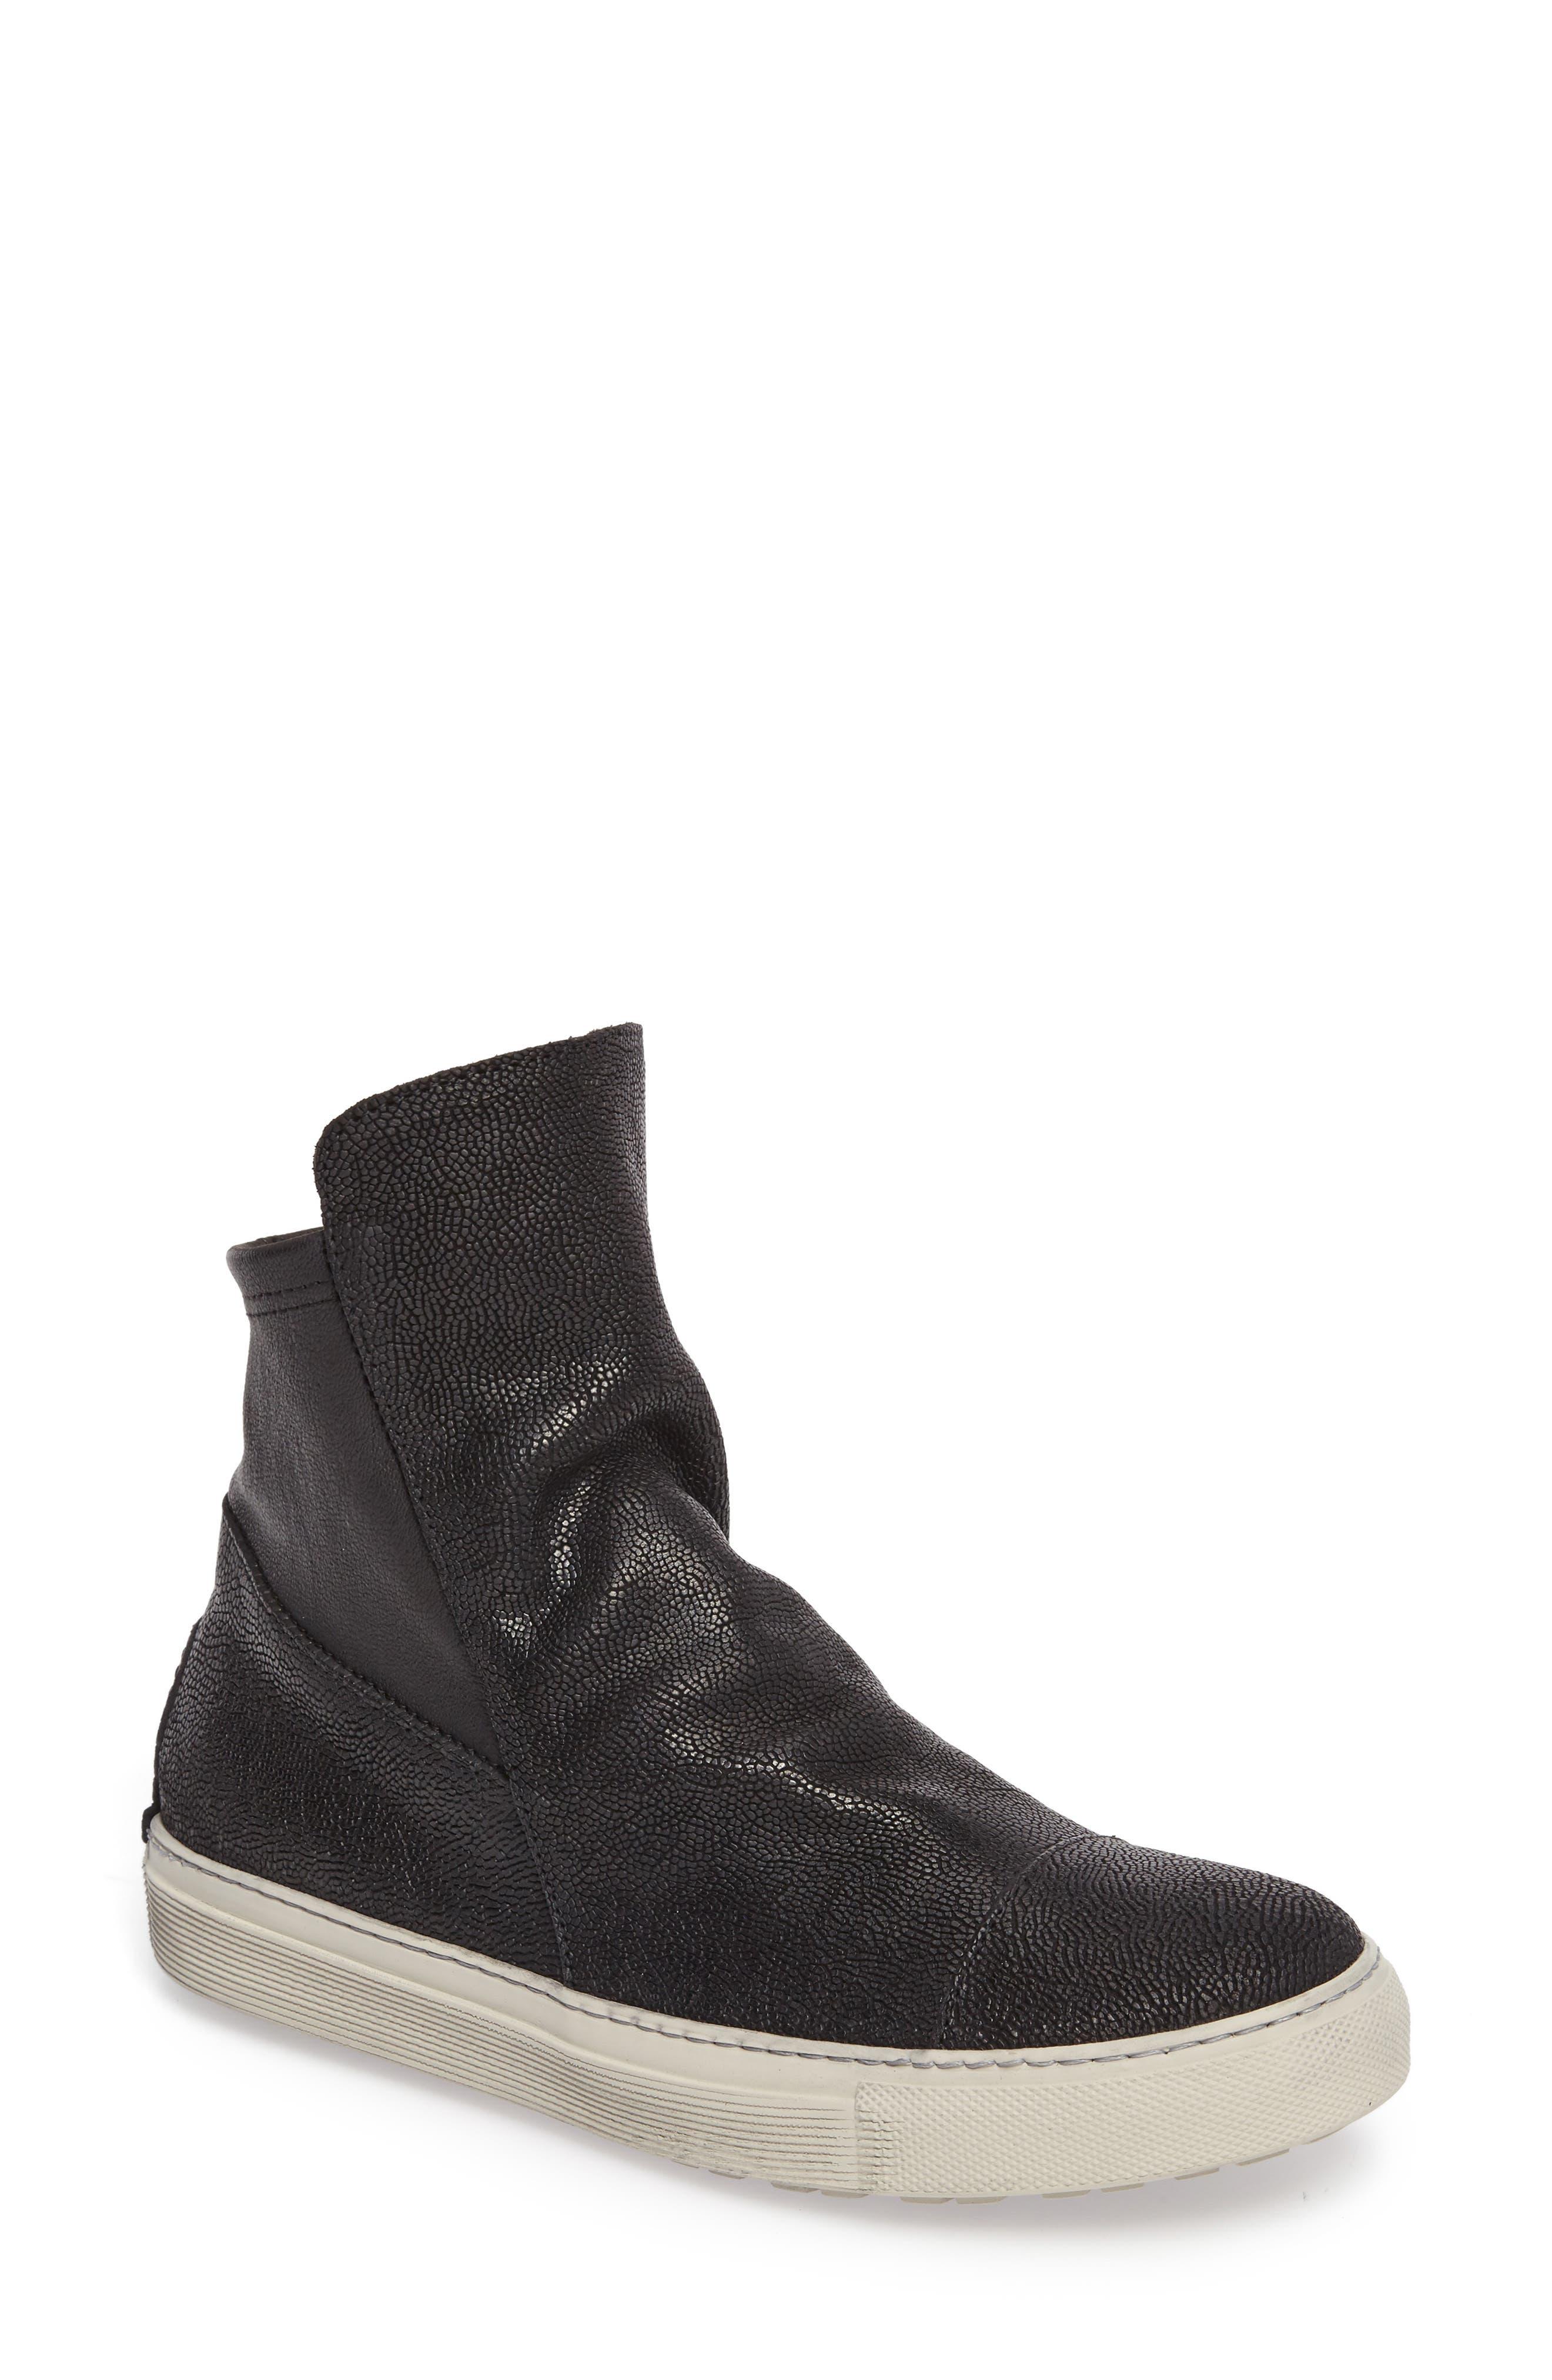 Alternate Image 1 Selected - Fiorentini & Baker Bret Boot (Women)